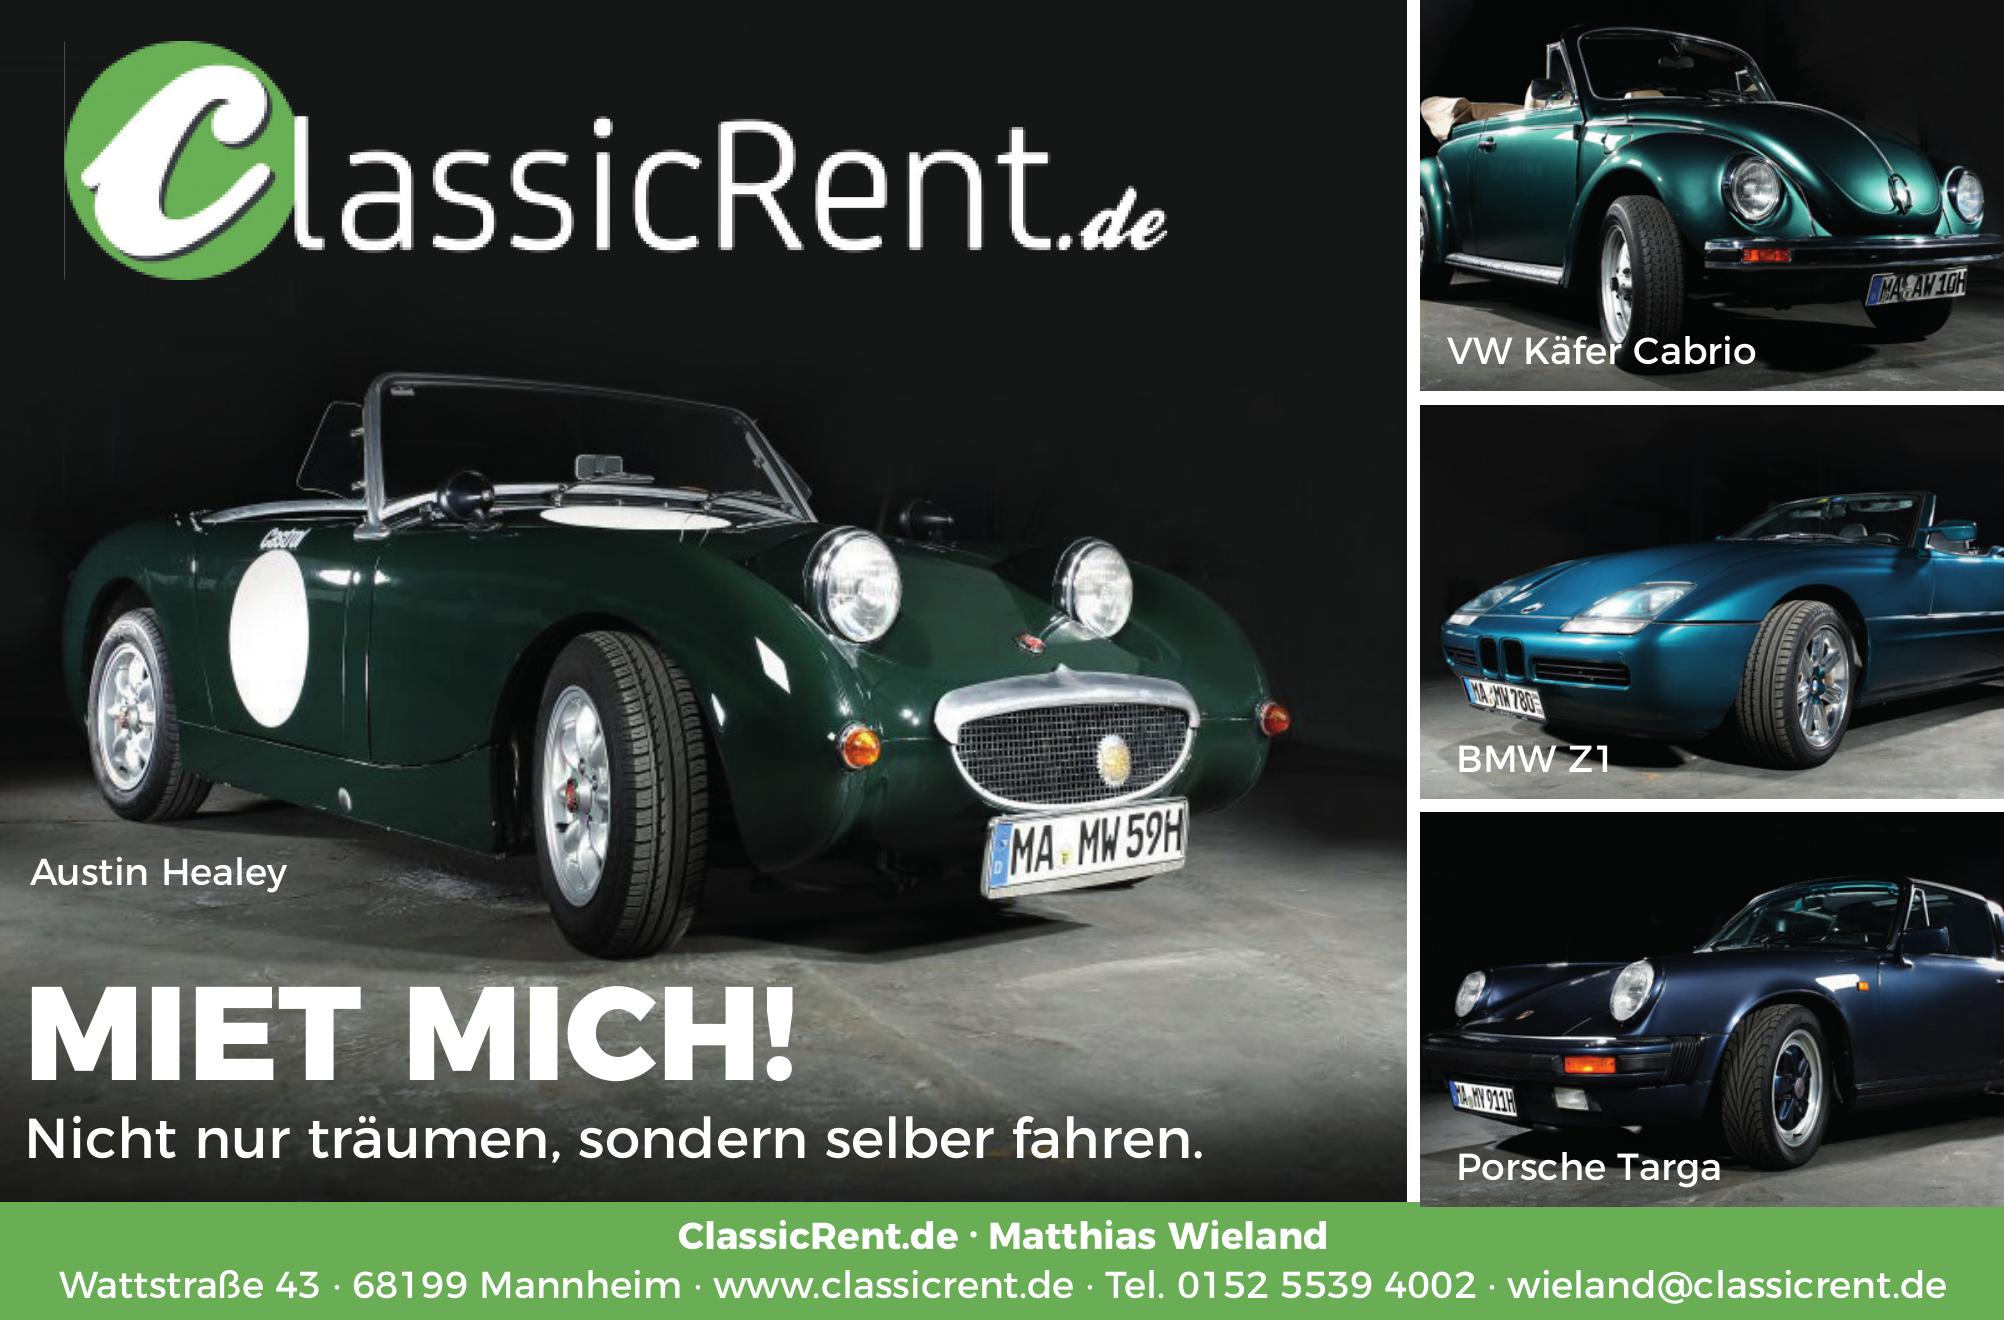 ClassicRent.de